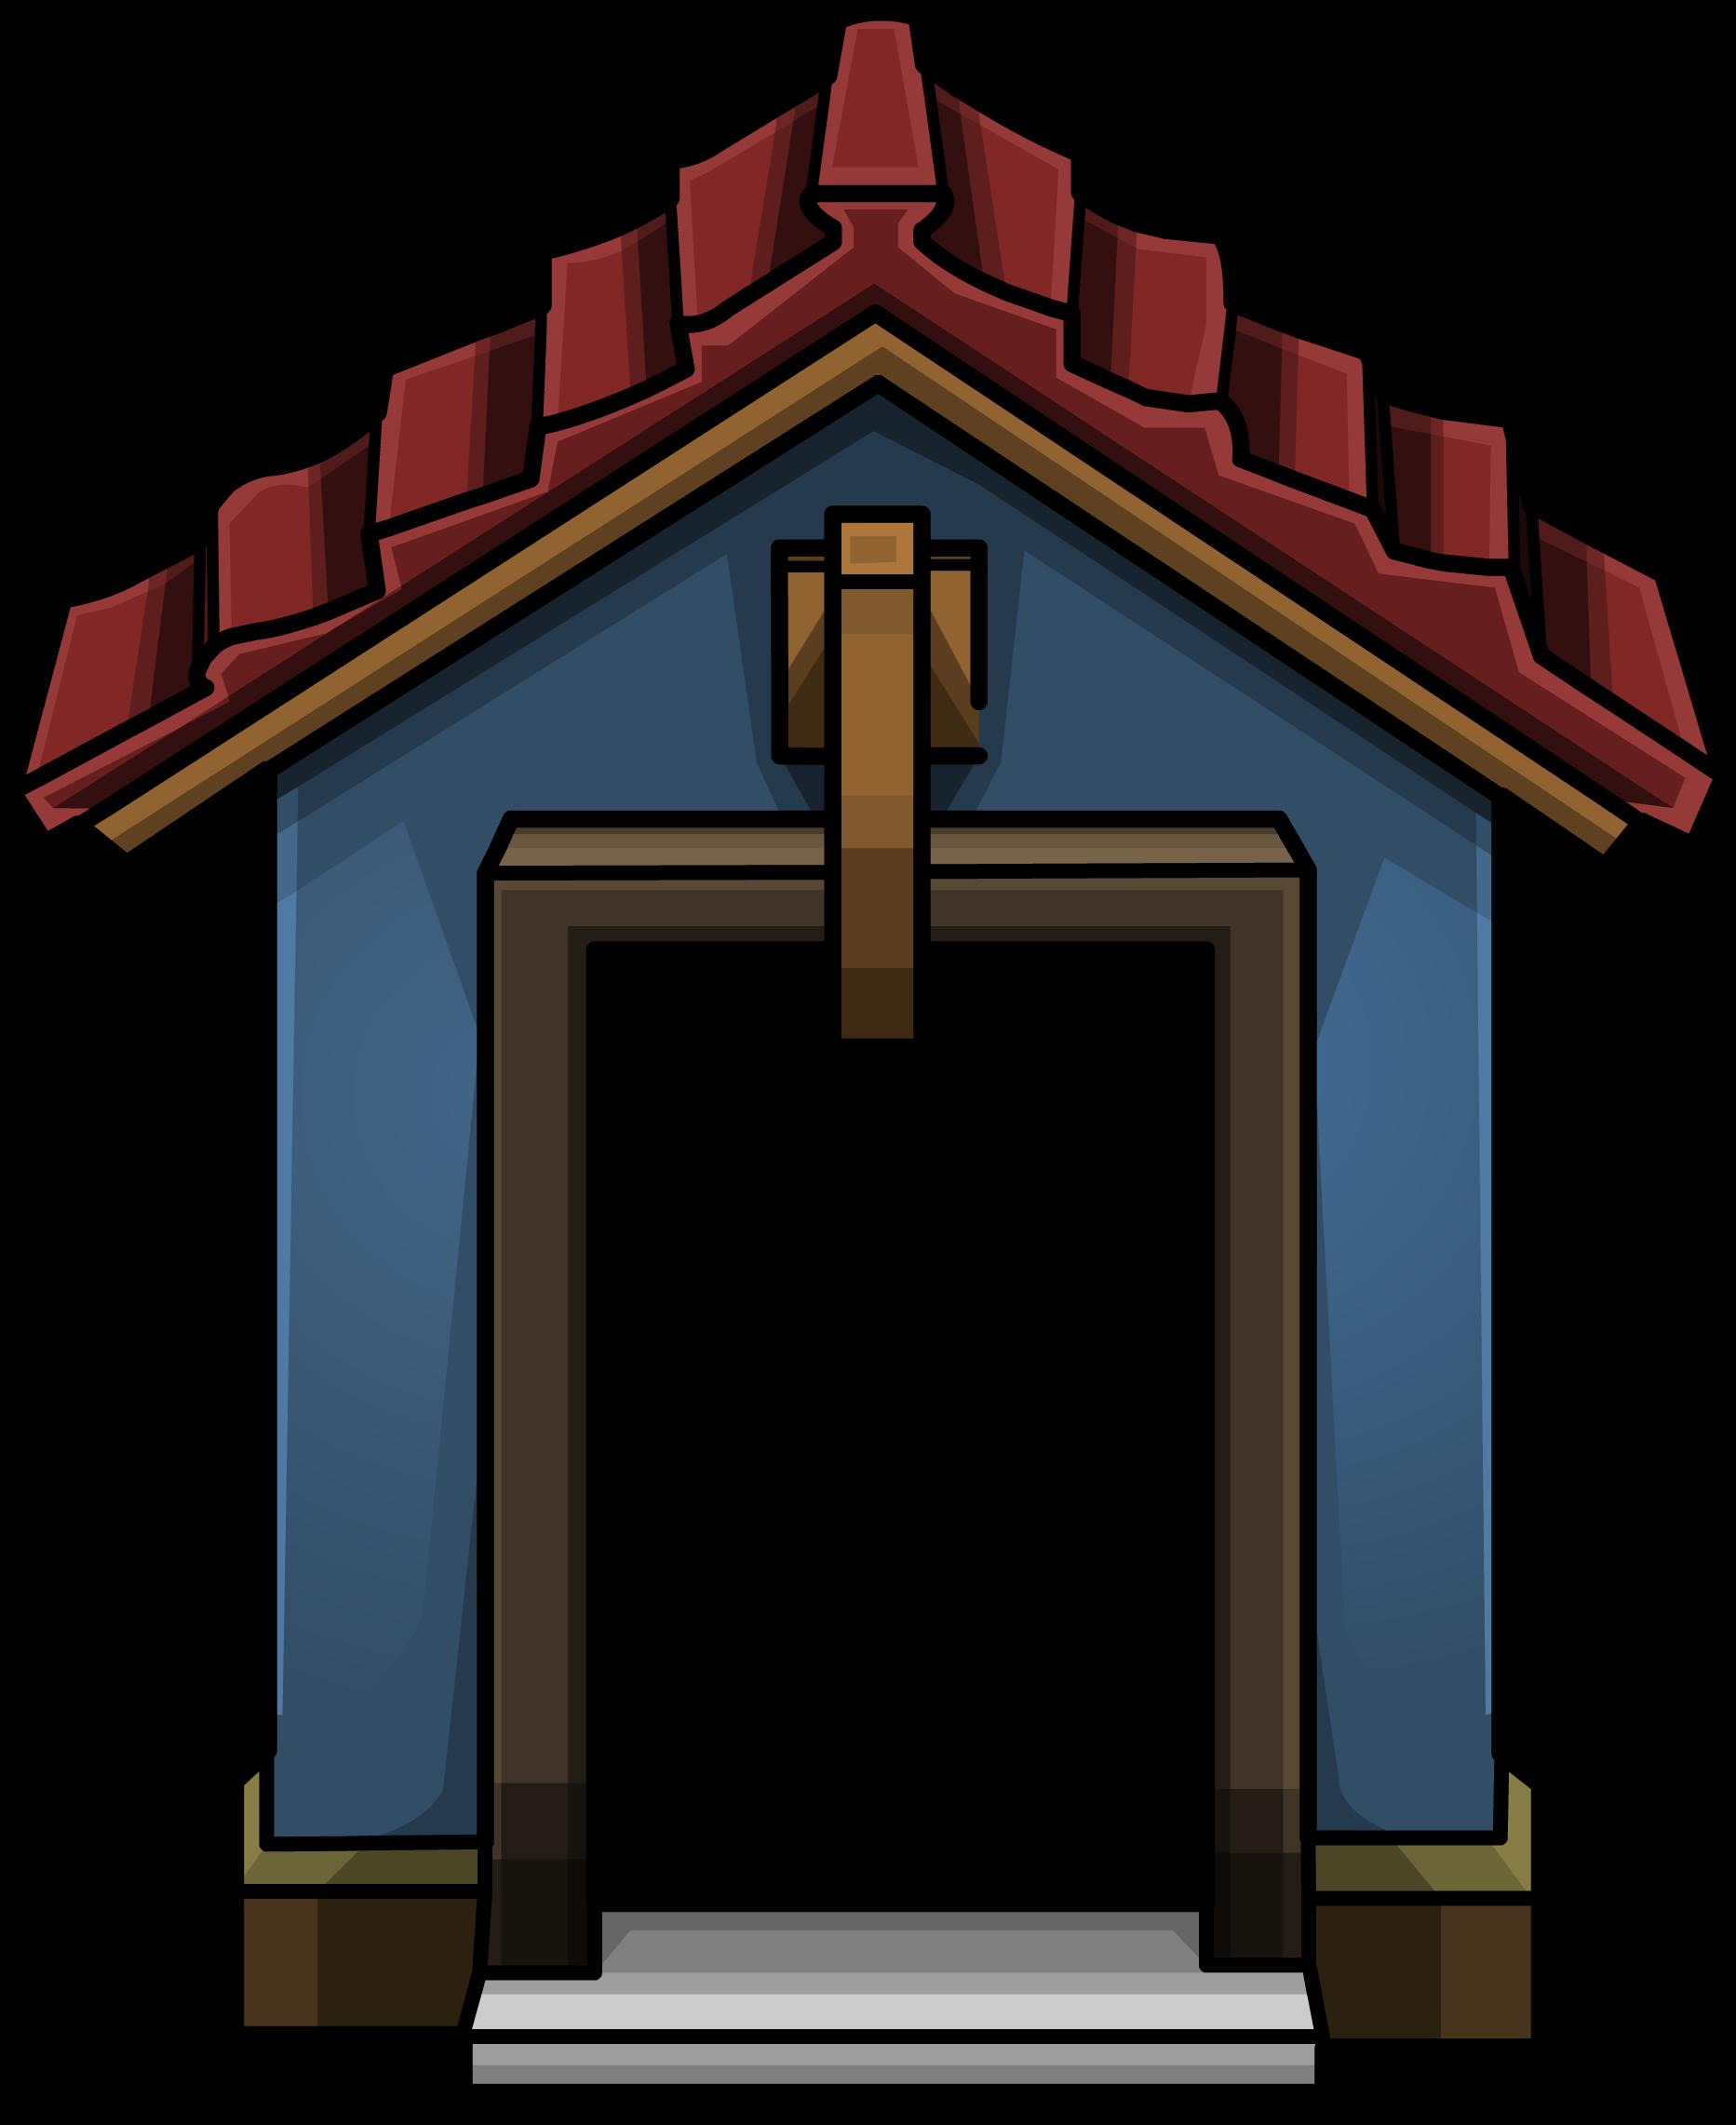 Image cozy sprite png. Door clipart blue door